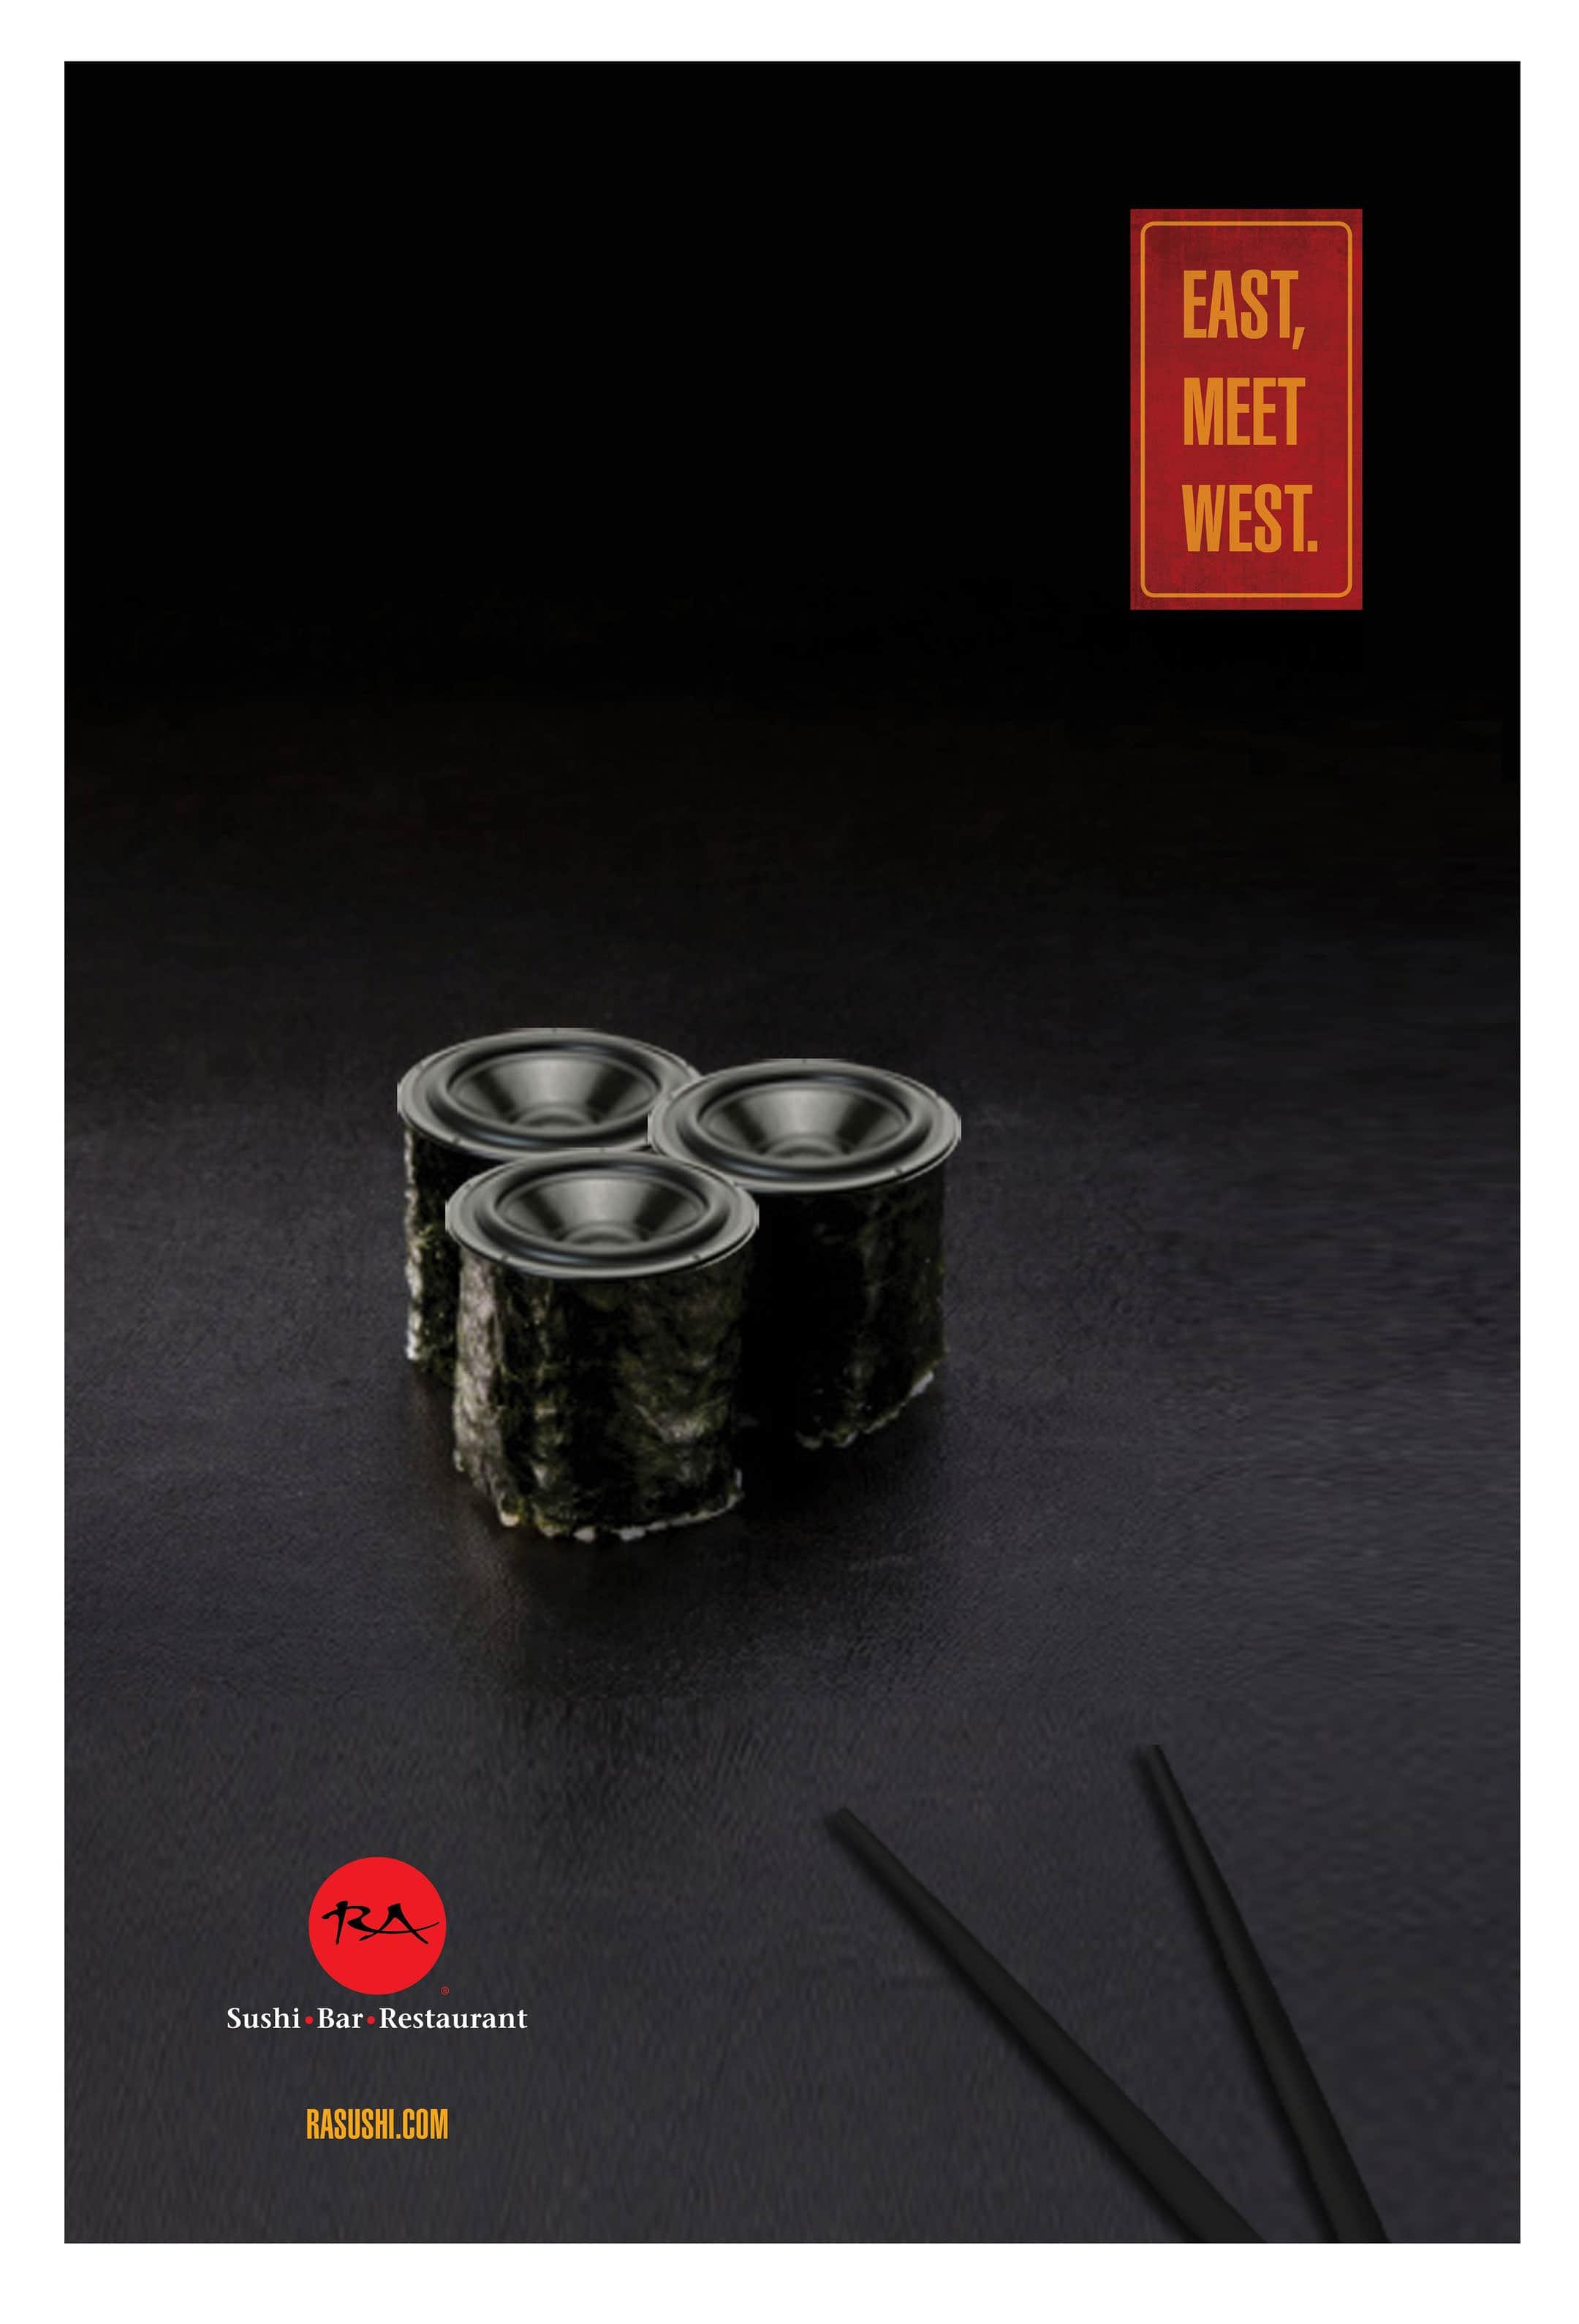 RA Sushi Branding: Advertising Design